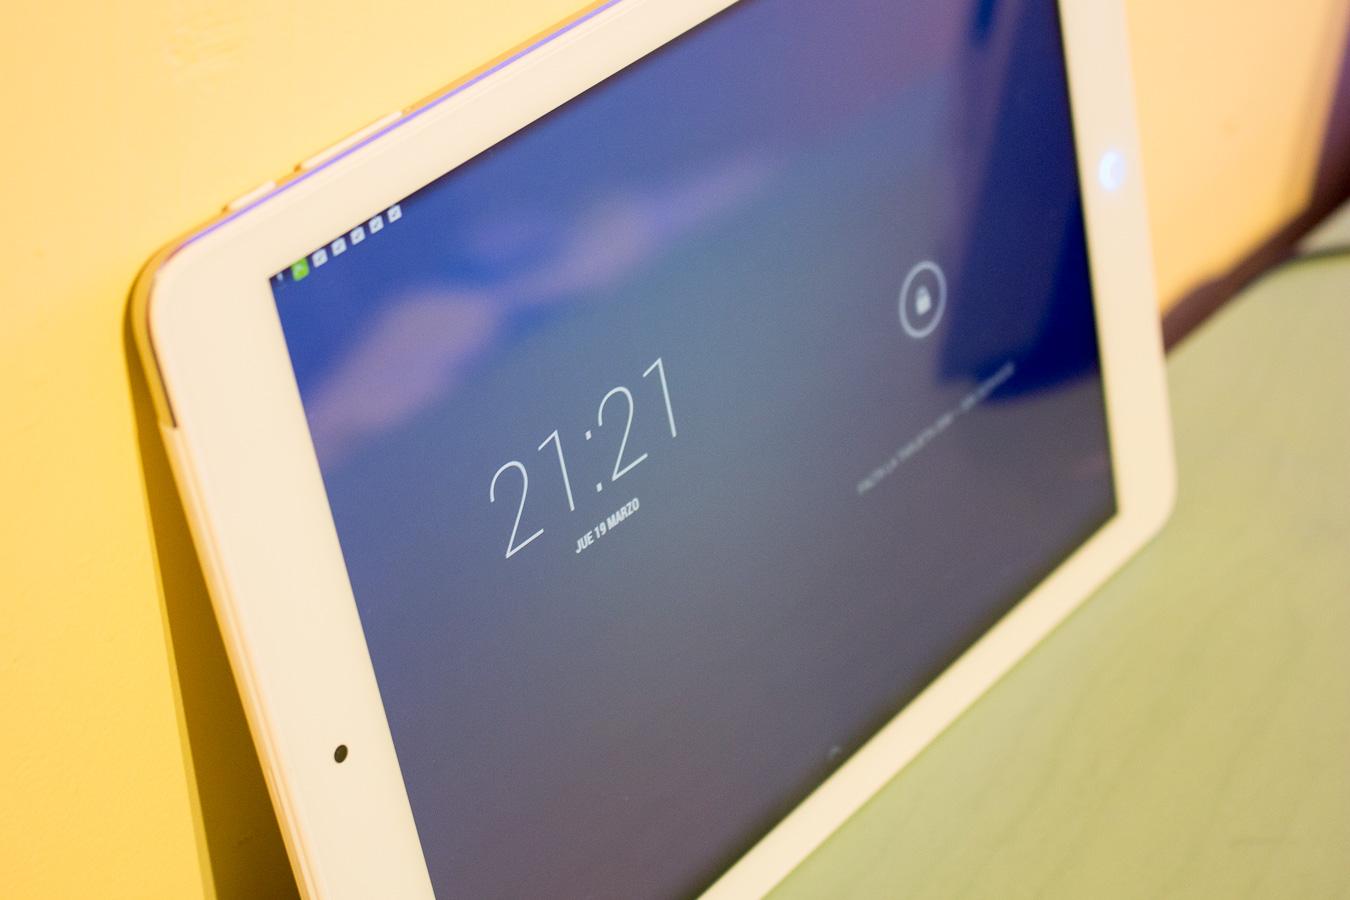 """Wave-V919-8 """"width ="""" 1350 """"height ="""" 900 """"srcset ="""" https://computercoach.co.nz/wp-content/uploads/2020/02/Wave-V919-3G-Air-анализ.jpg 1350w, https: //elandroidelibre.elespanol.com/wp-content/uploads/2015/03/Onda-V919-8-400x266.jpg 400 Вт, https://elandroidelibre.elespanol.com/wp-content/uploads/2015/03/Onda -V919-8-680x453.jpg 680 Вт """"размеры ="""" (максимальная ширина: 1350 пикселей) 100 Вт, 1350 пикселей """"/></p><div class="""